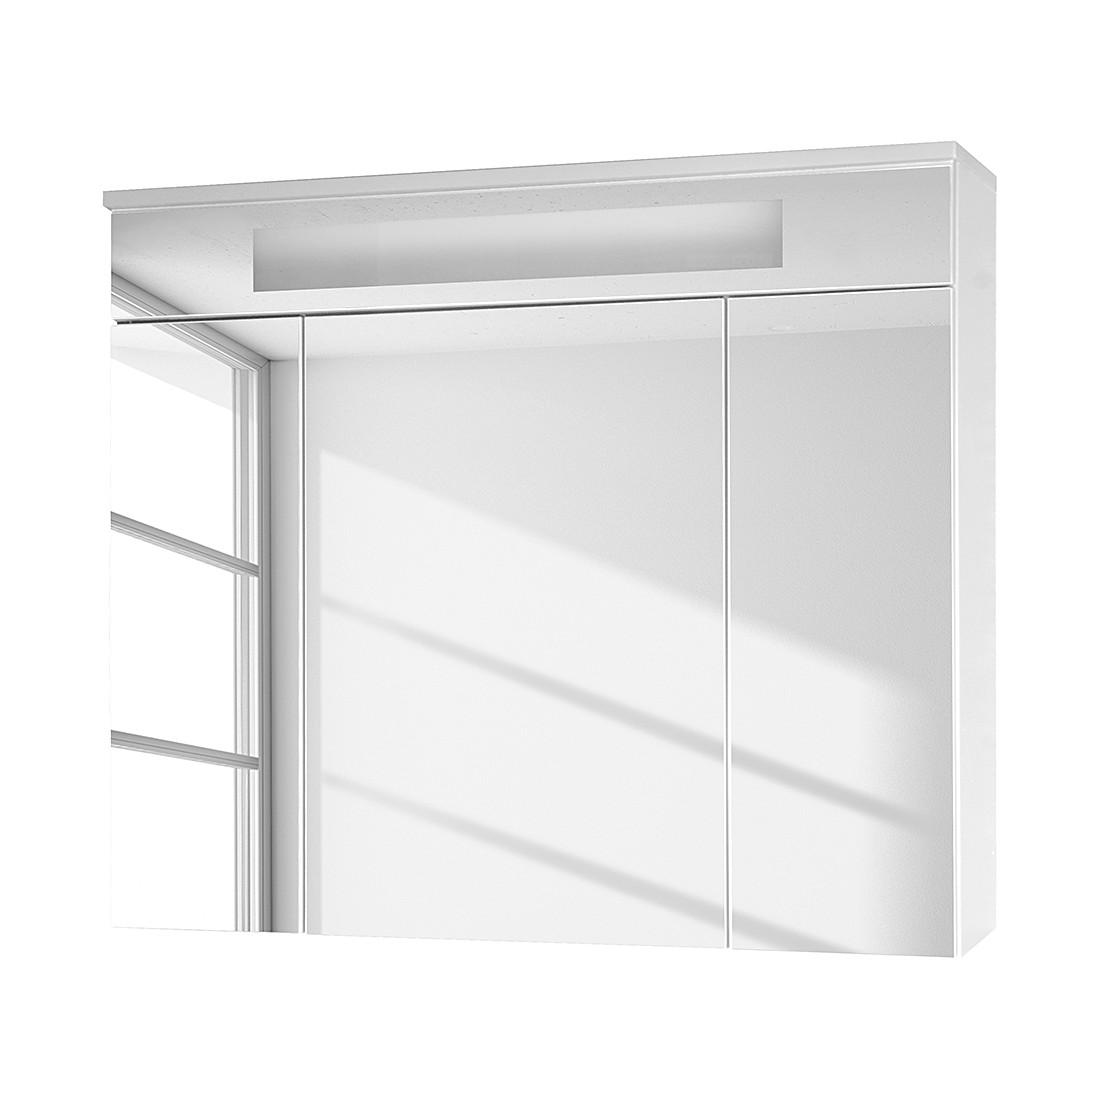 fackelmann spiegelschrank preisvergleich die besten angebote online kaufen. Black Bedroom Furniture Sets. Home Design Ideas